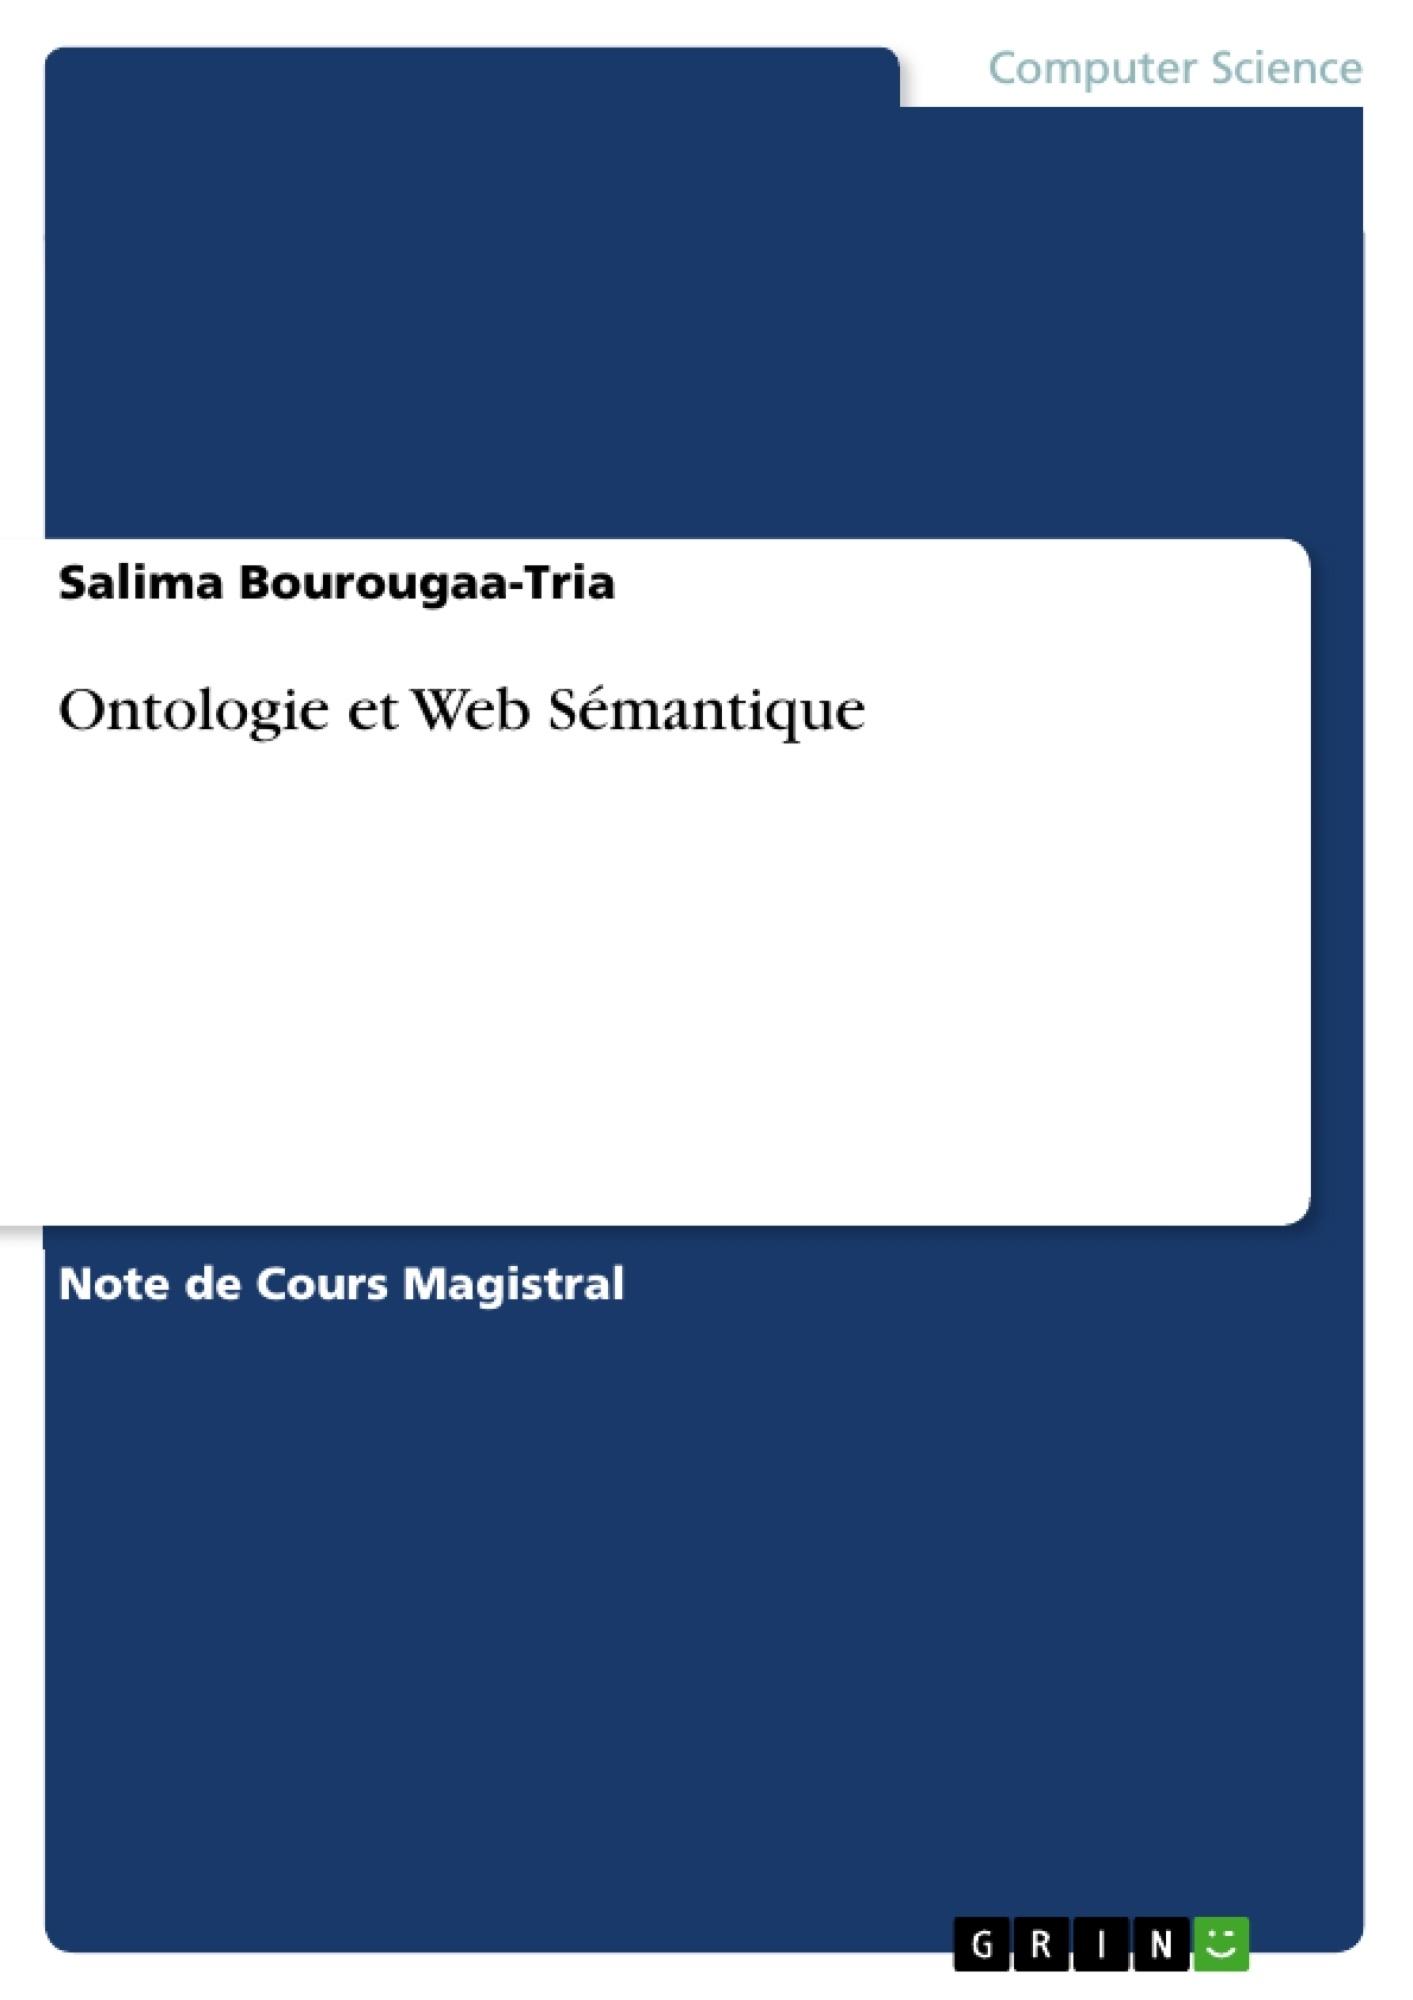 Titre: Ontologie et Web Sémantique